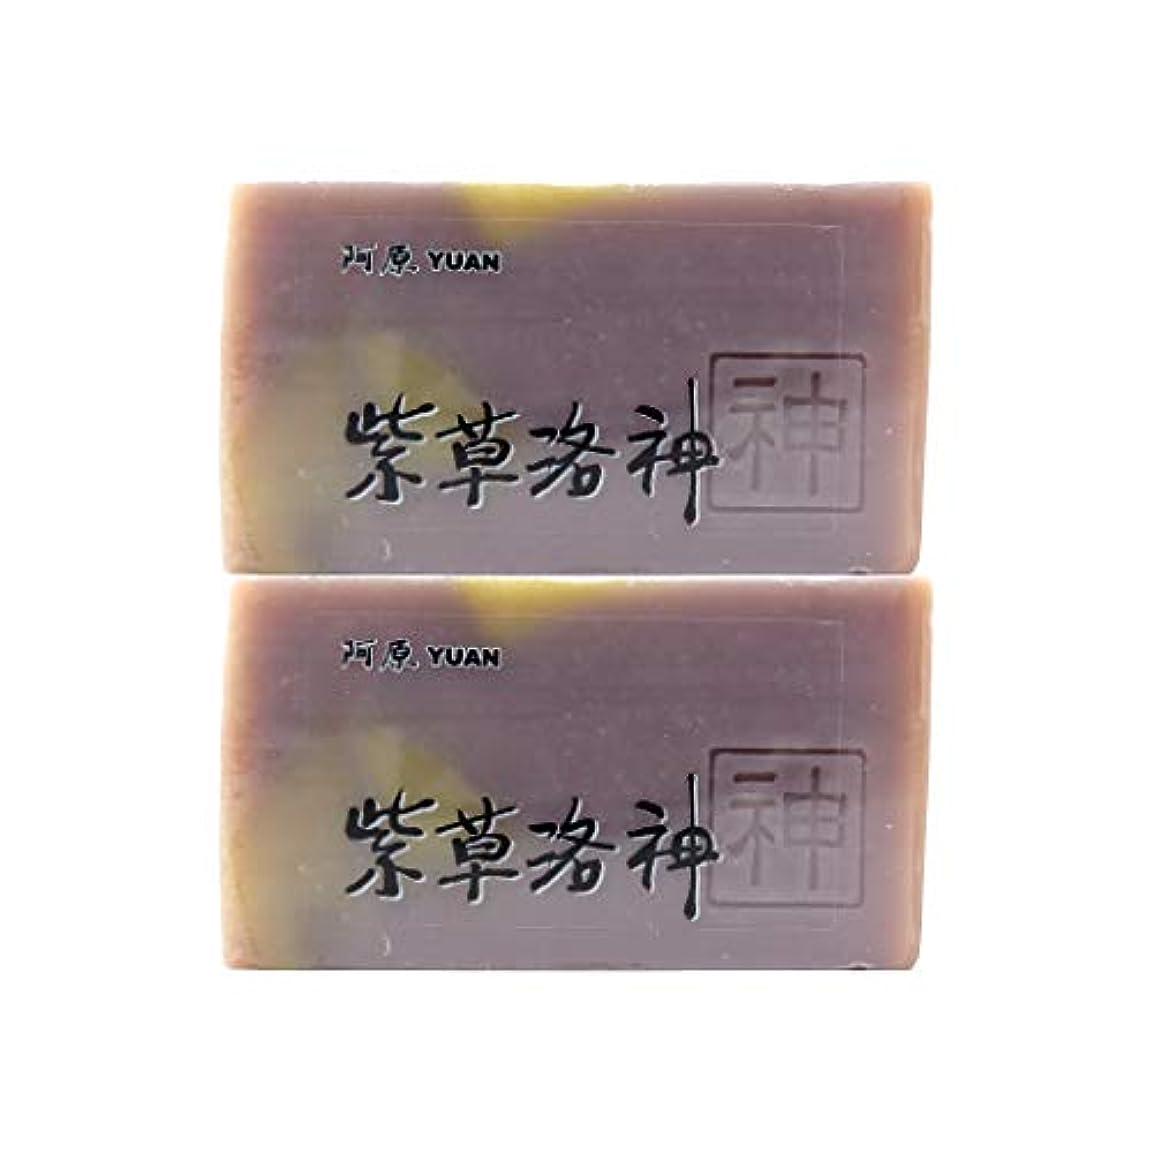 ギネス溶かす返還ユアン(YUAN) ハイビスカスソープ 100g (2個セット)